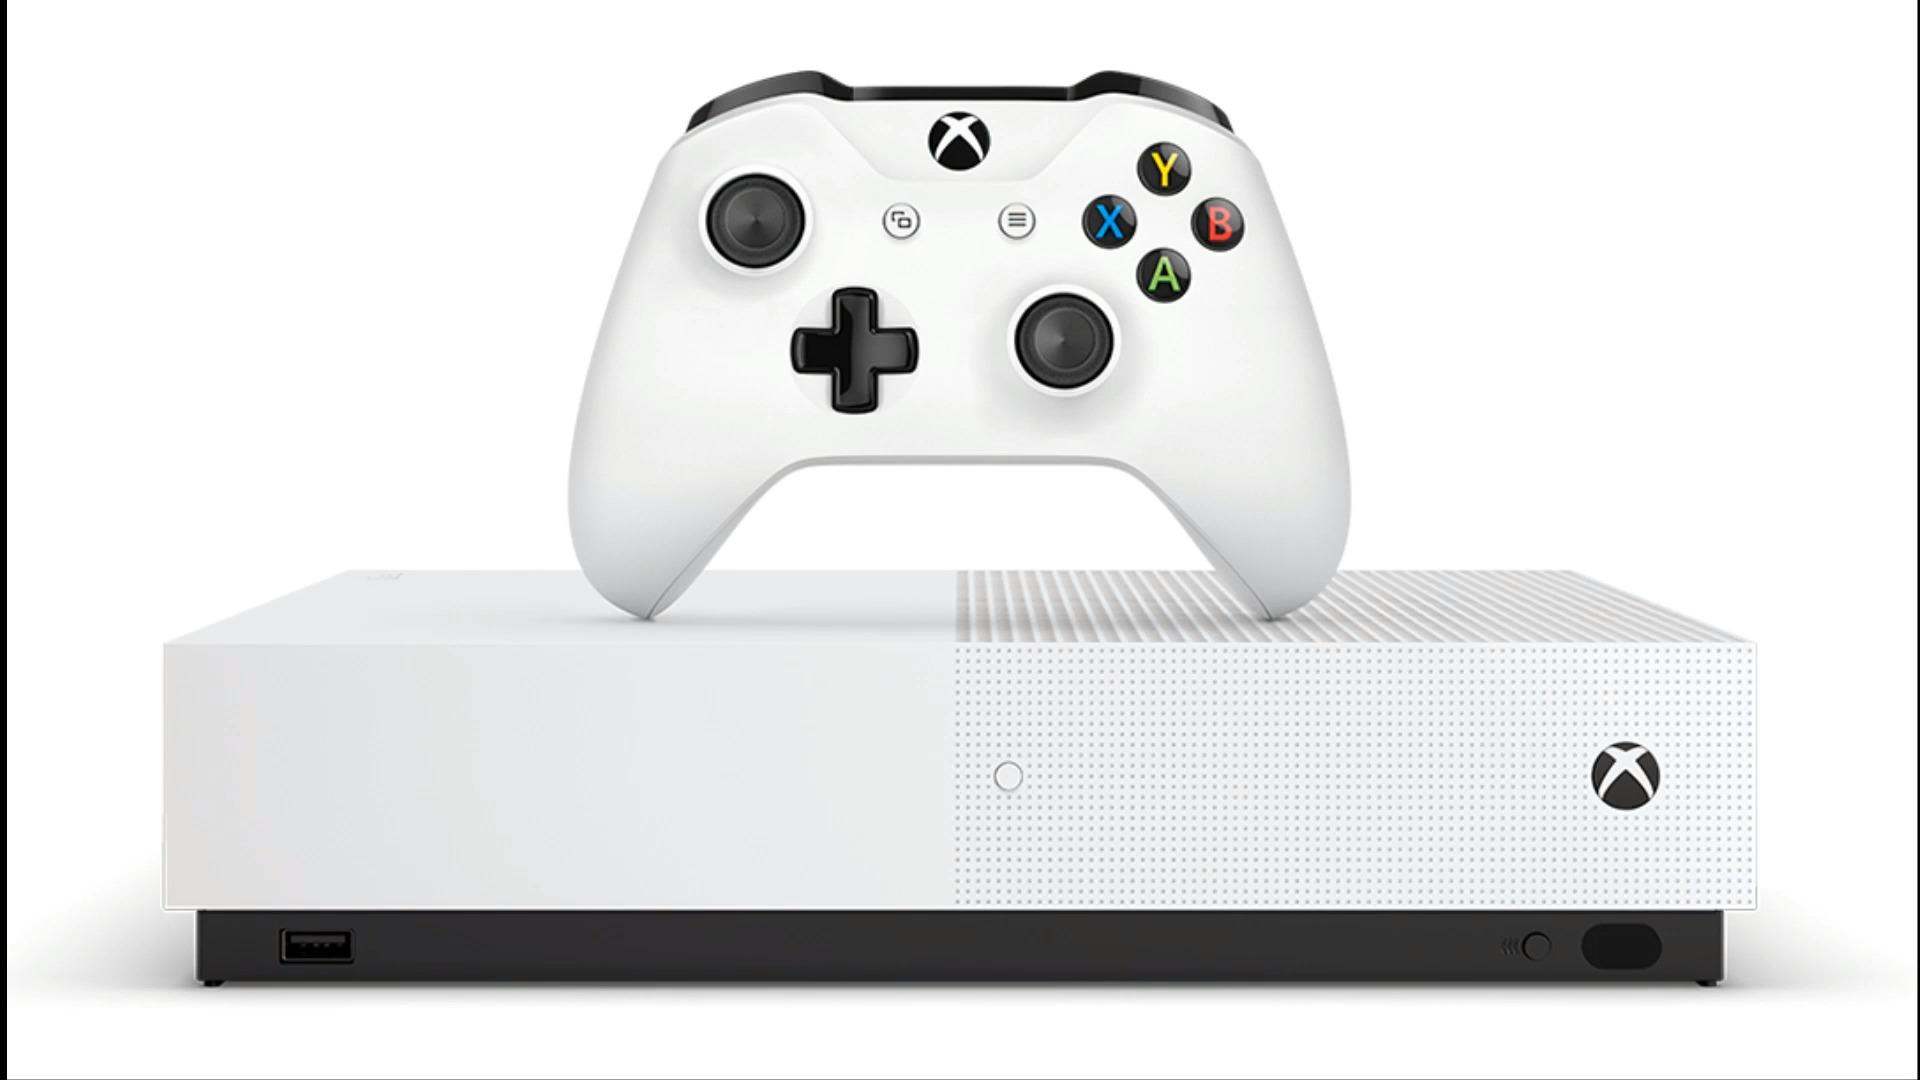 Xbox One S All-Digital Edition : la console aux jeux 100% dématérialisés de Microsoft arriverait en avril